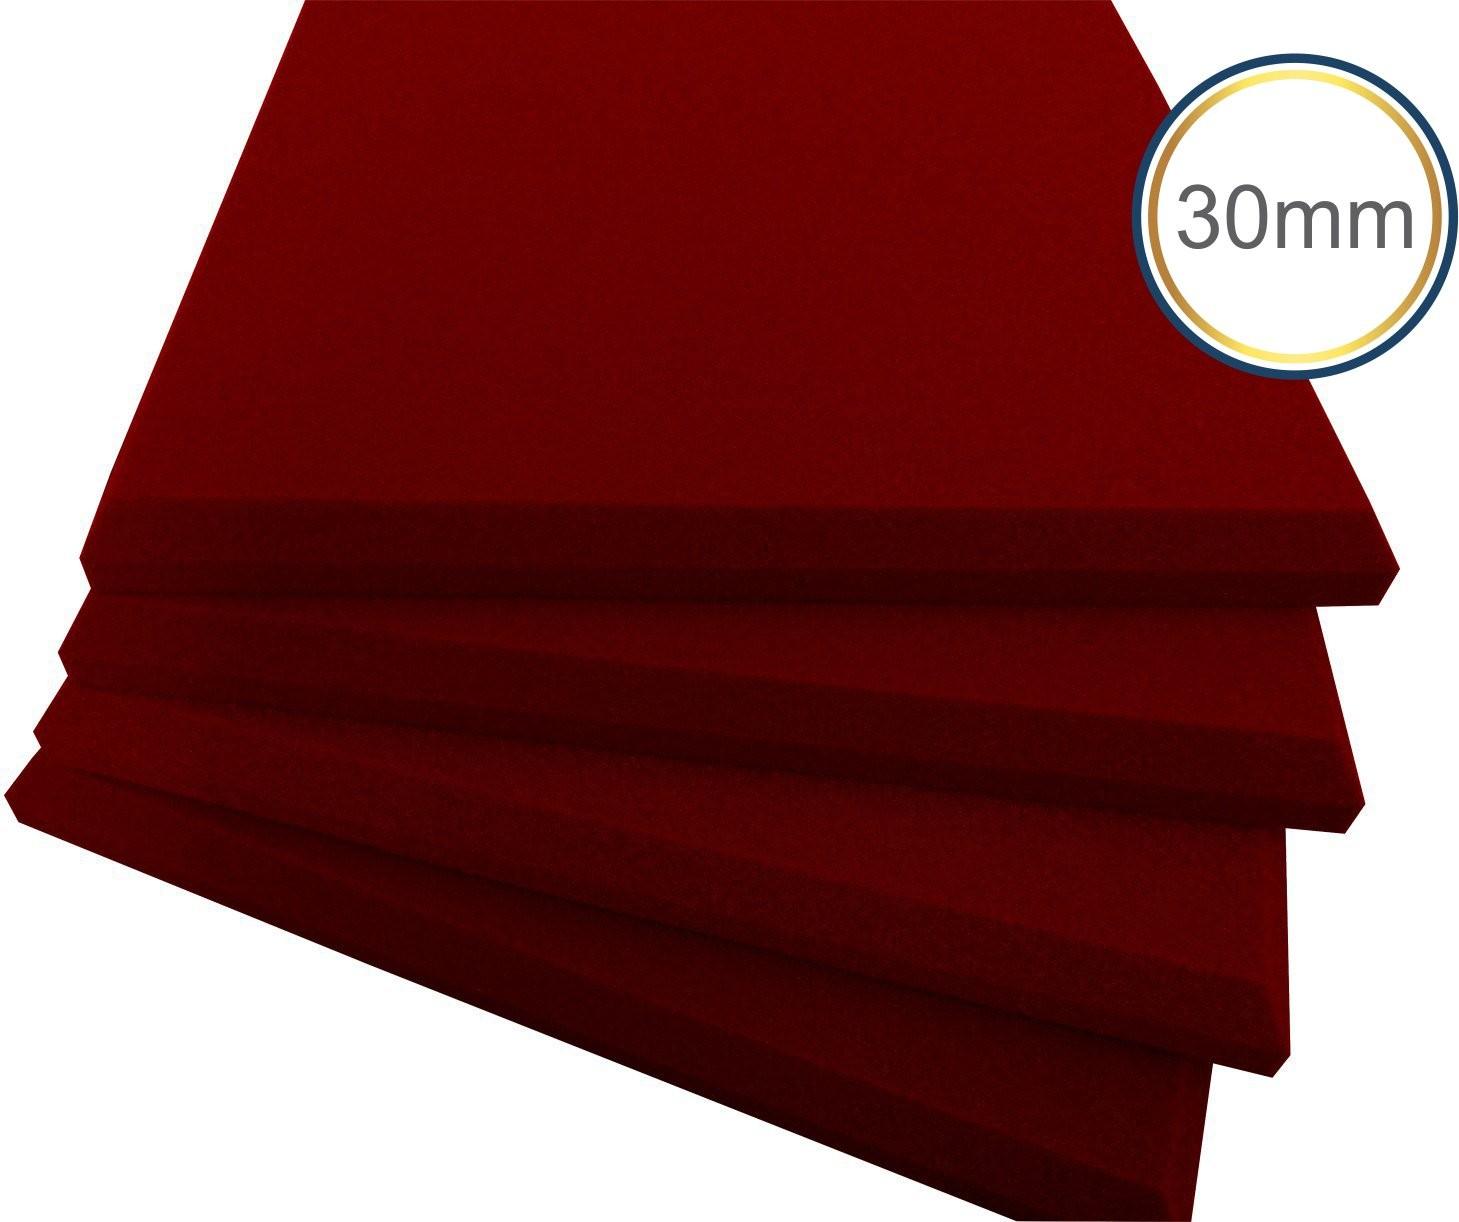 Espuma Acústica - REV - P - Colorida Pigmentada - Kit 4 peças (1m²) 30mm  - Loja SPL Acústica